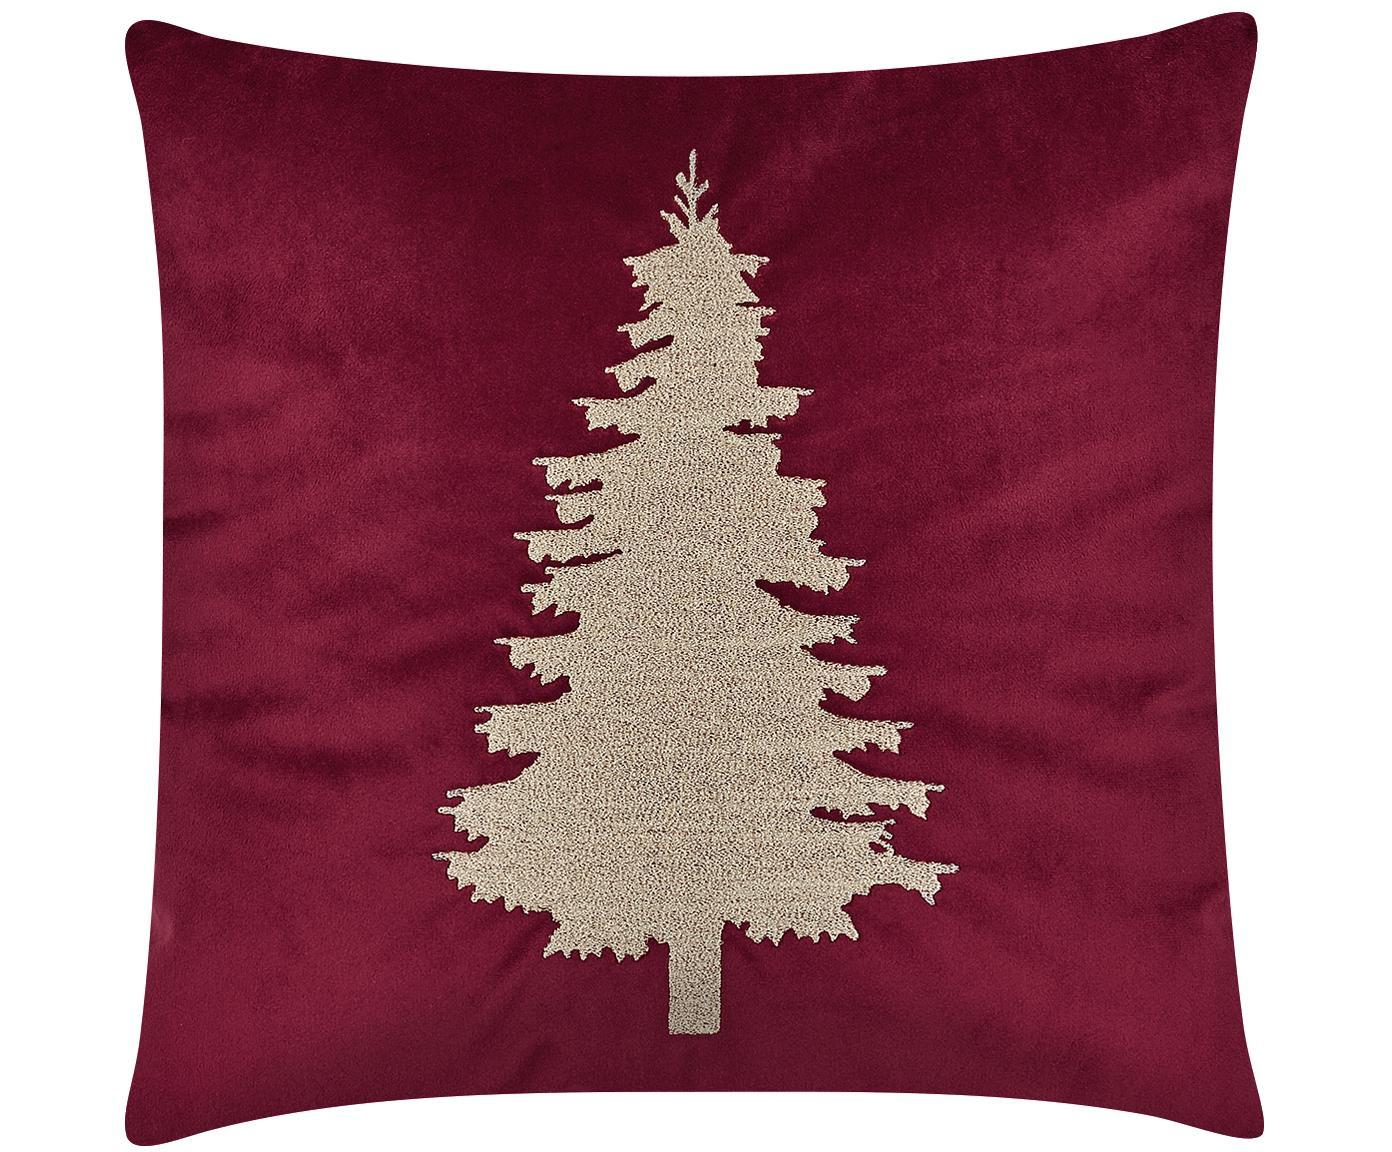 Geborduurde fluwelen kussenhoes Tree met kerstboom motief, Rood, 40 x 40 cm